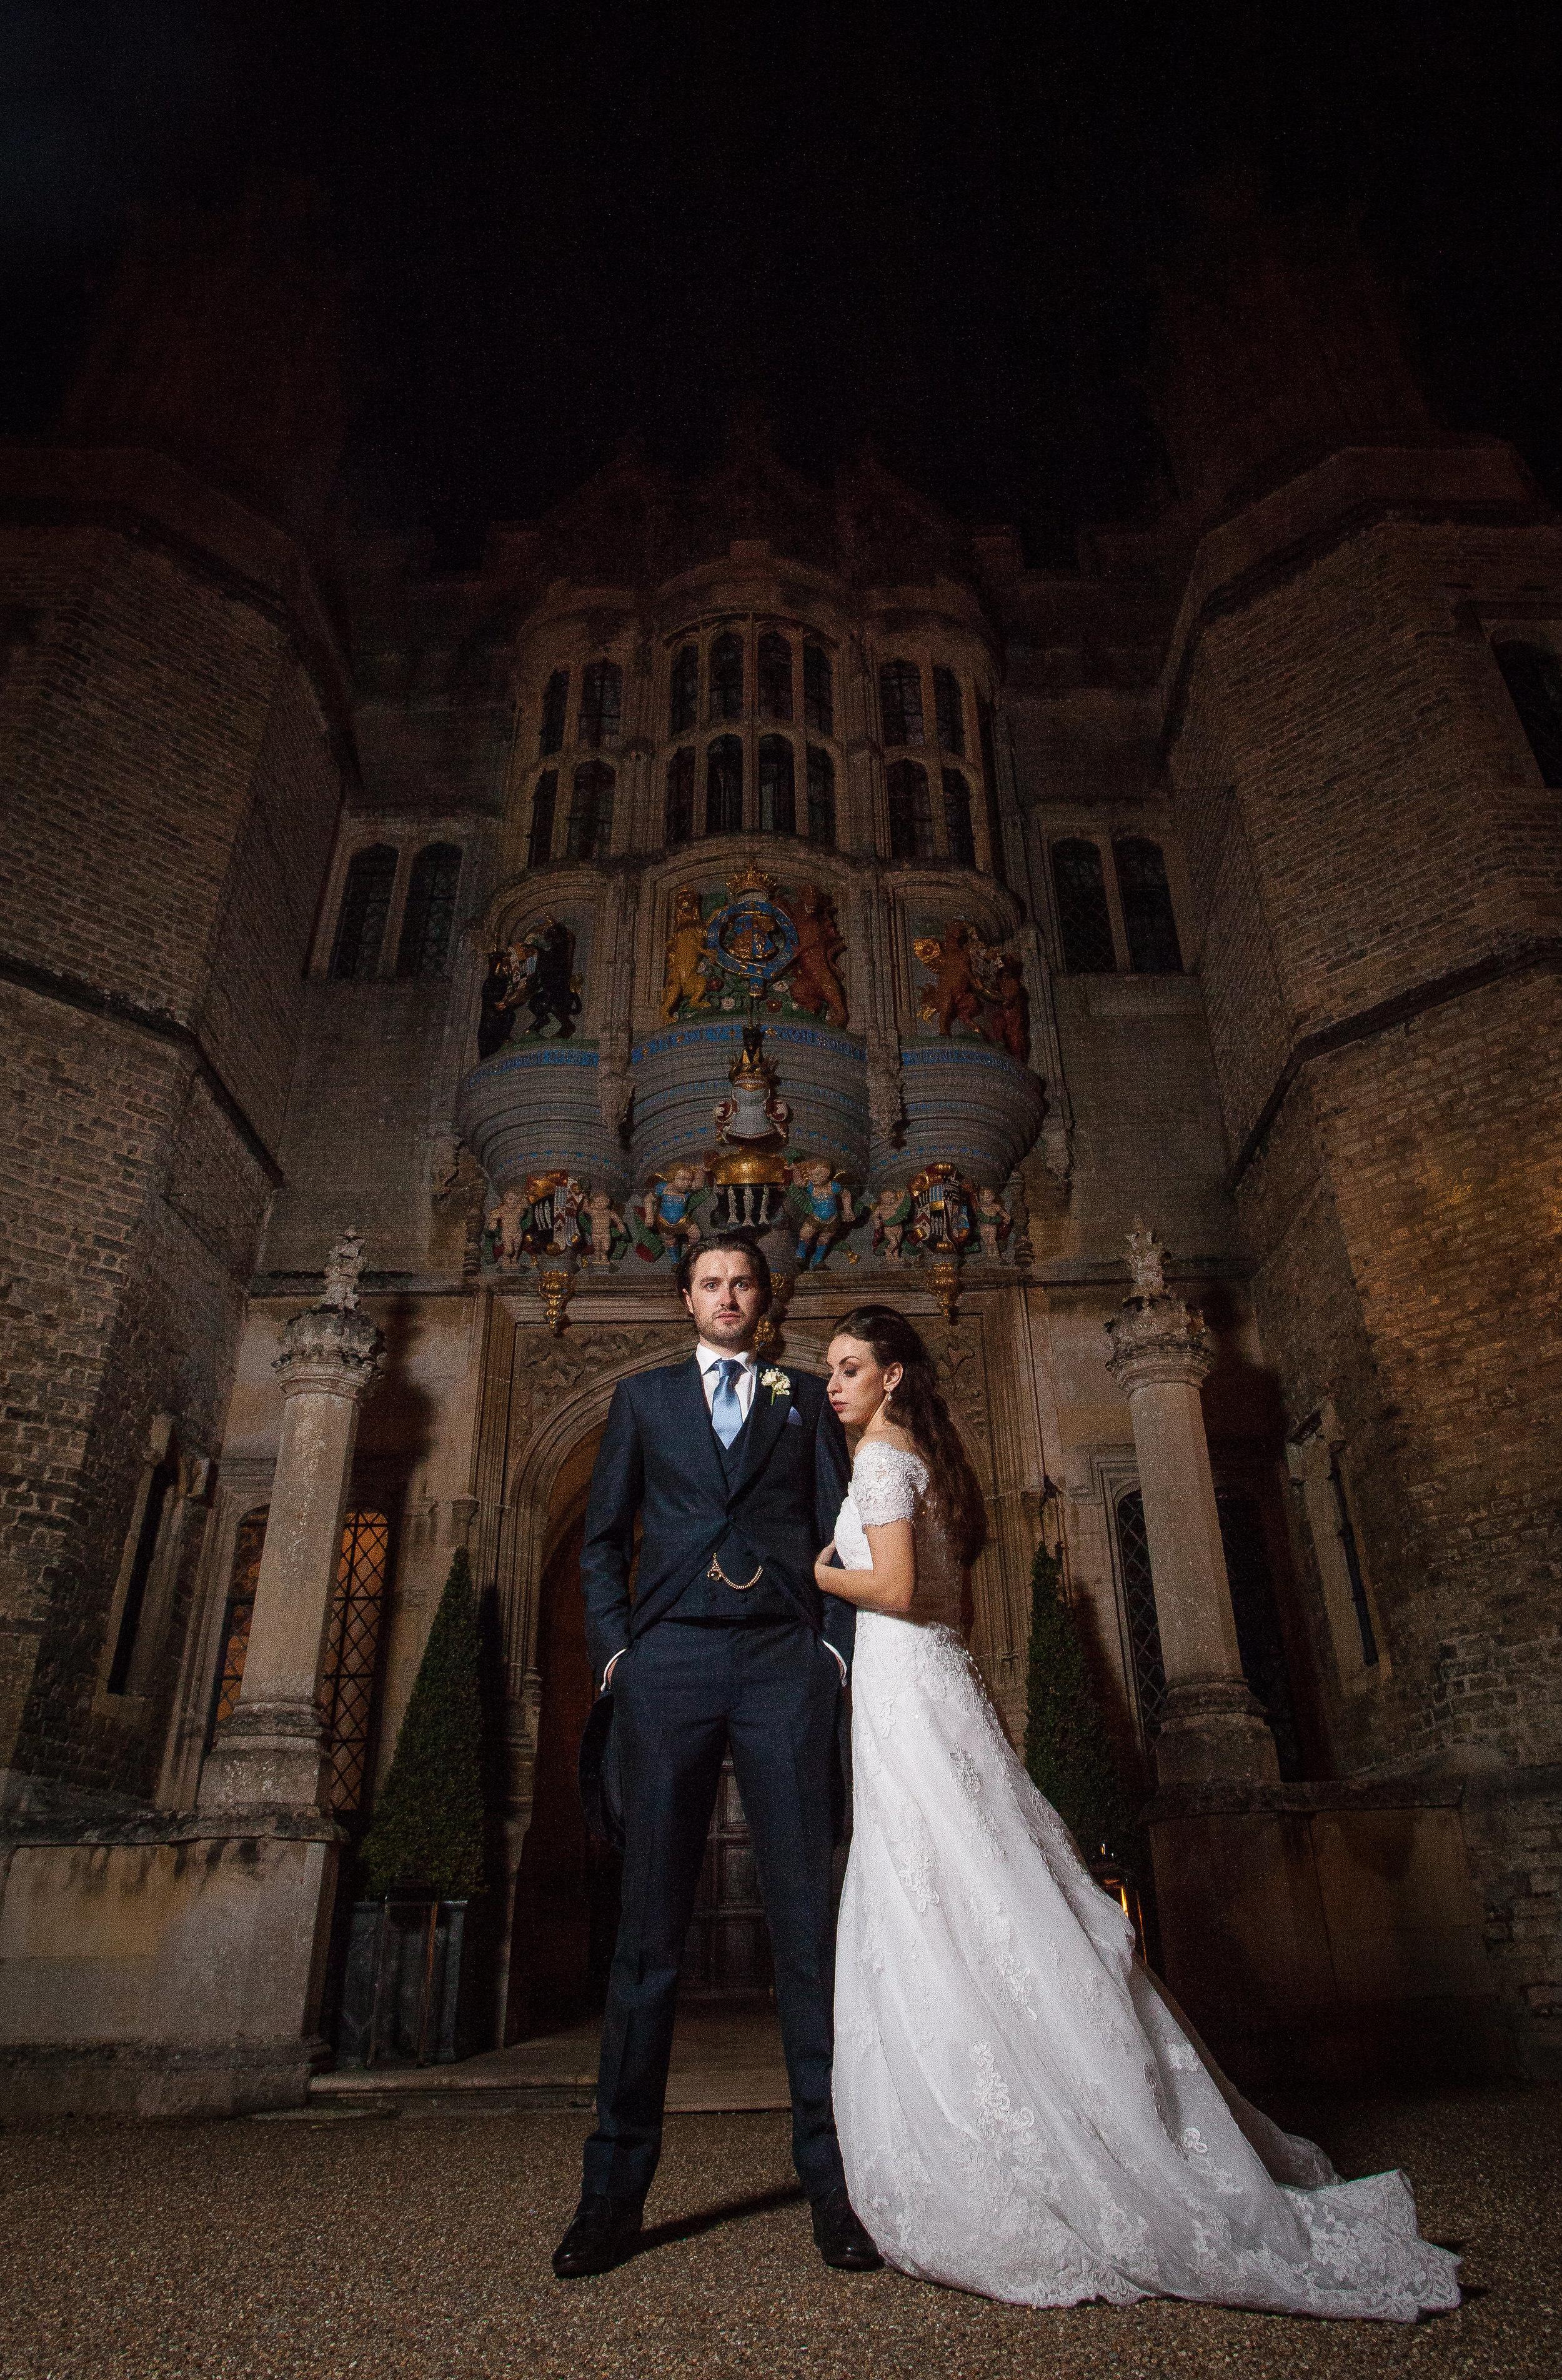 hengrave-hall-wedding-photographer-ross-dean-suffolk